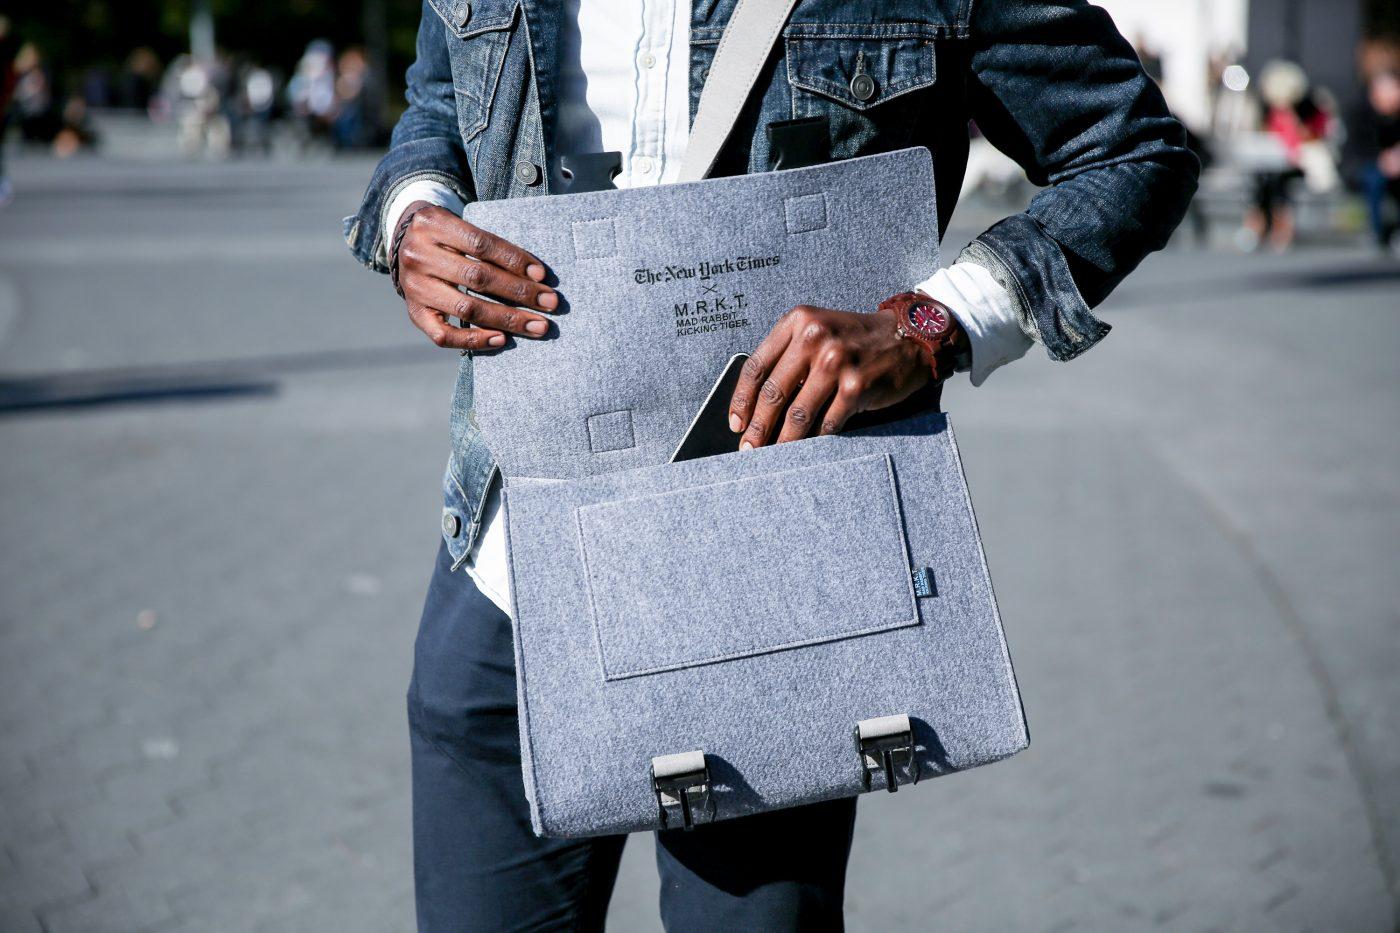 534191n_greenwich-briefcase_elephantgrey-stonegrey_4